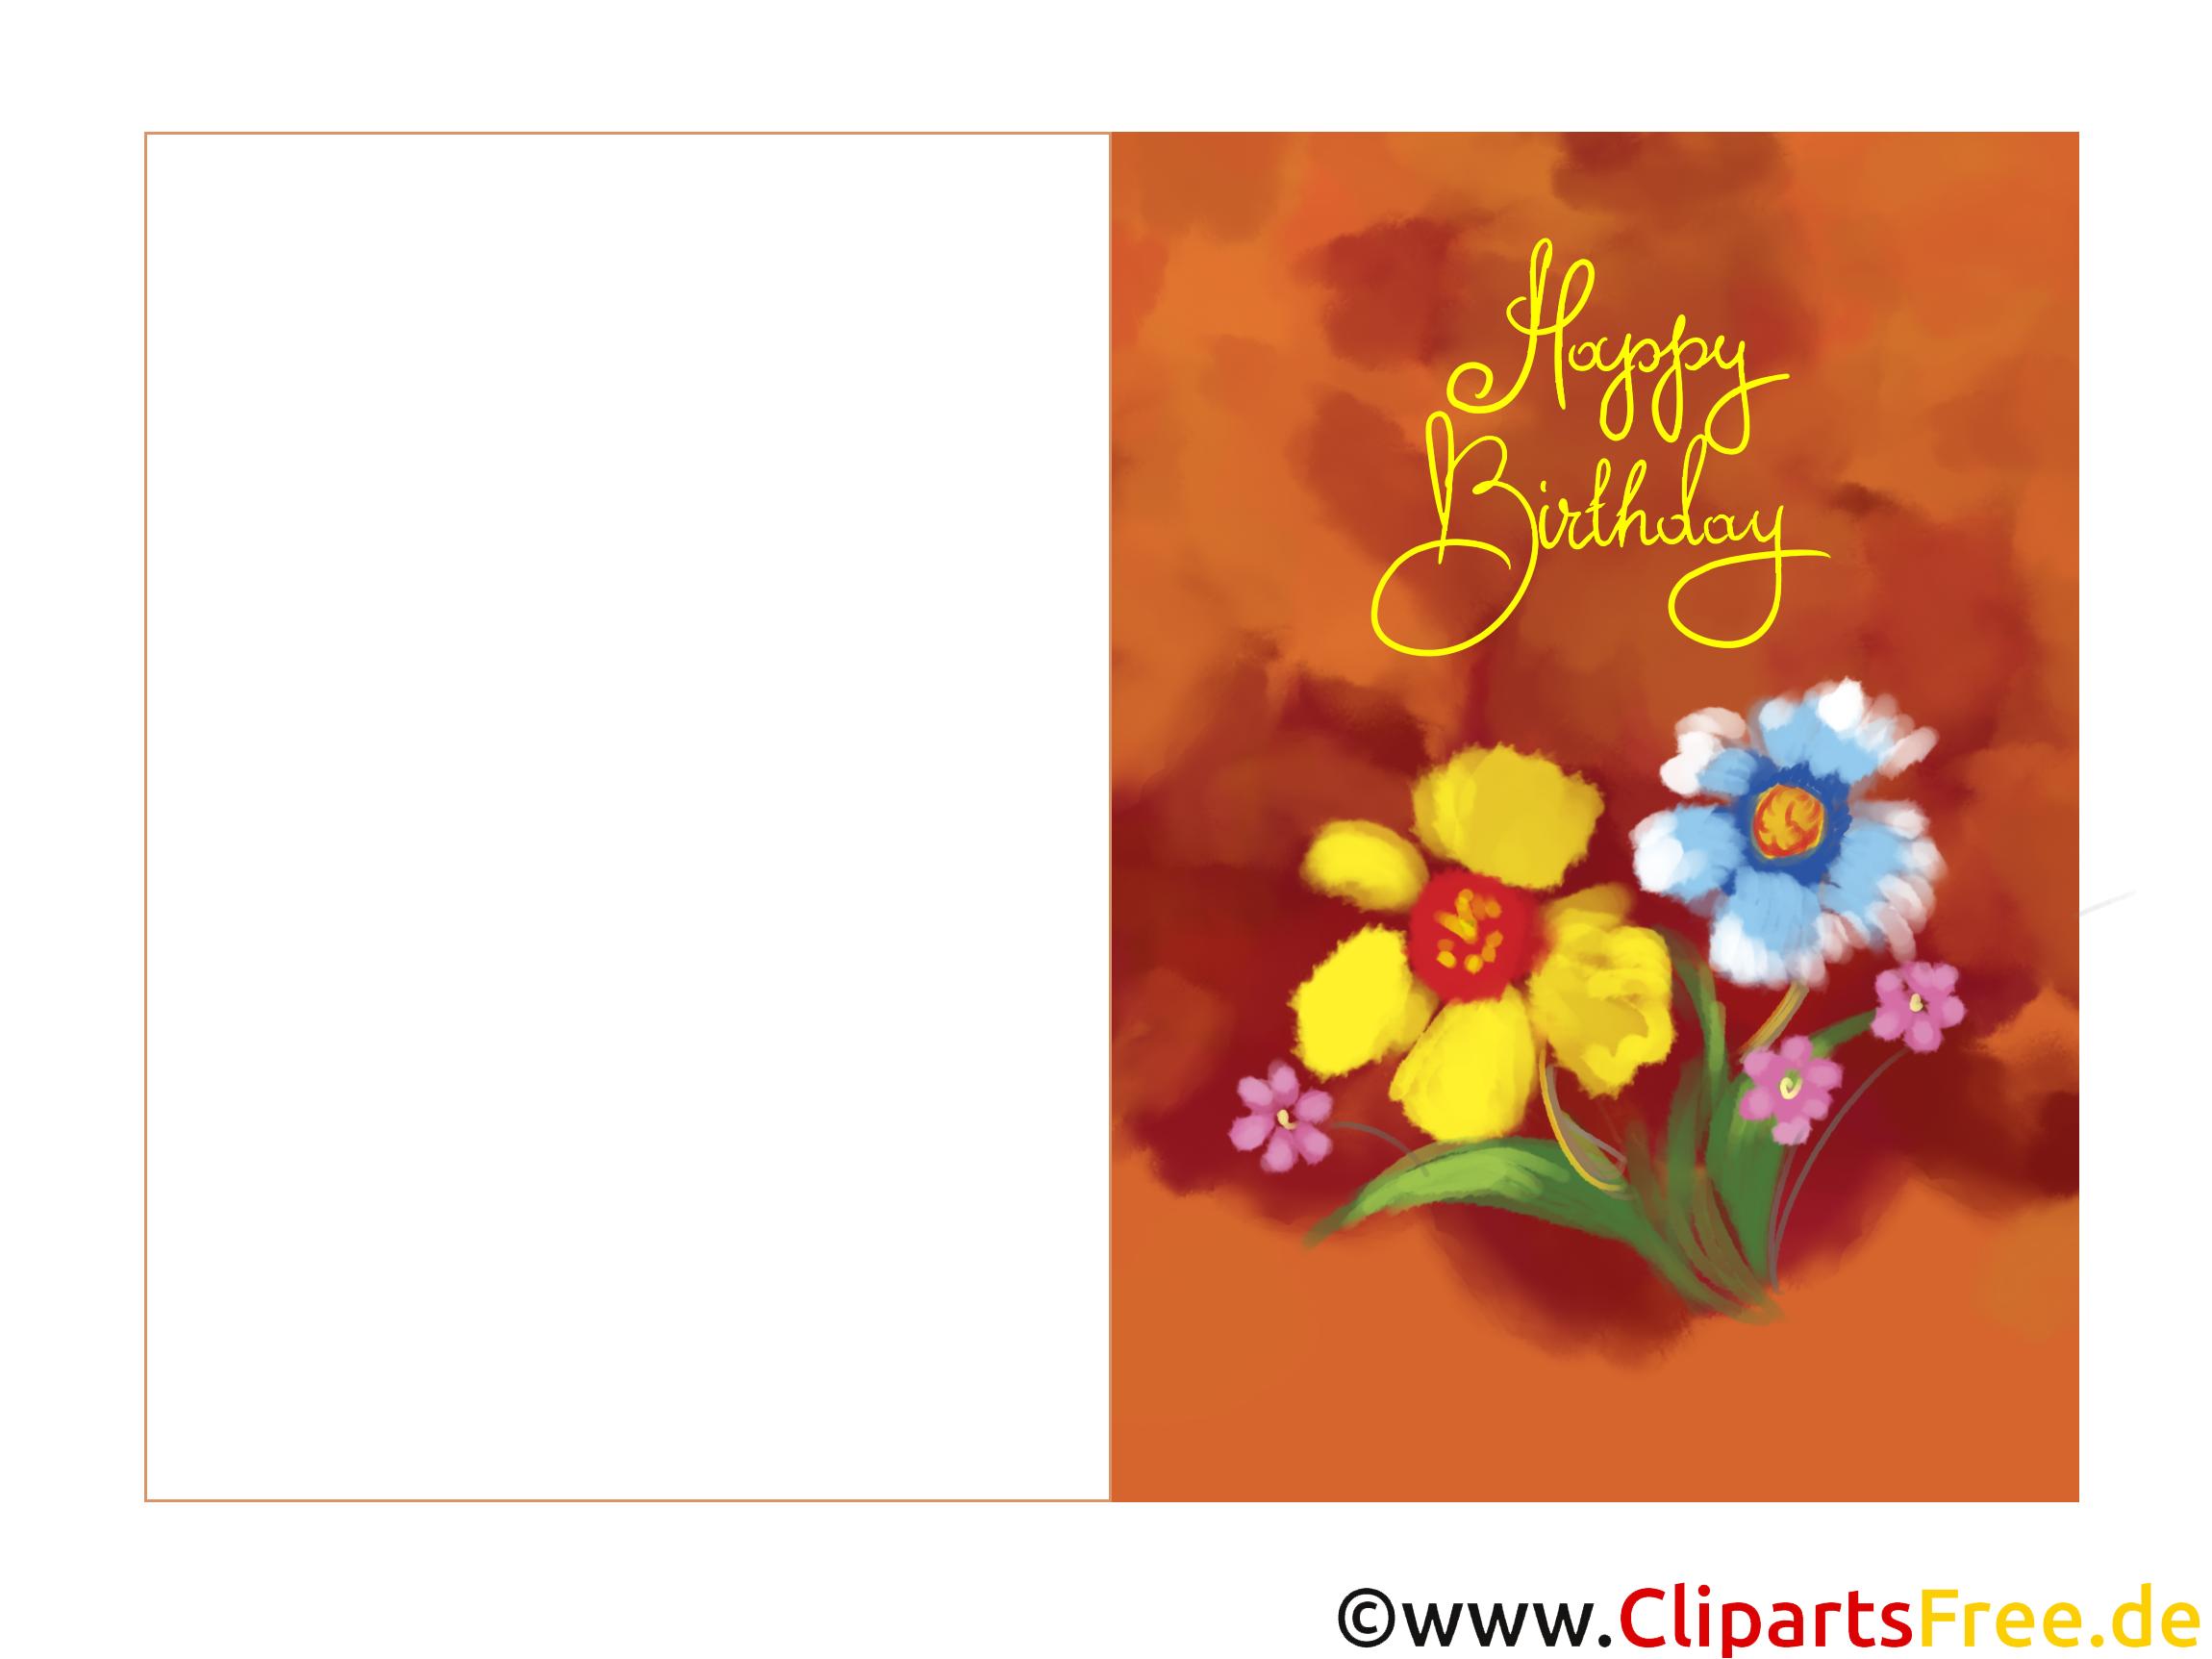 Elektronische Geburtstagskarte kostenlos zum Runterladen und Drucken